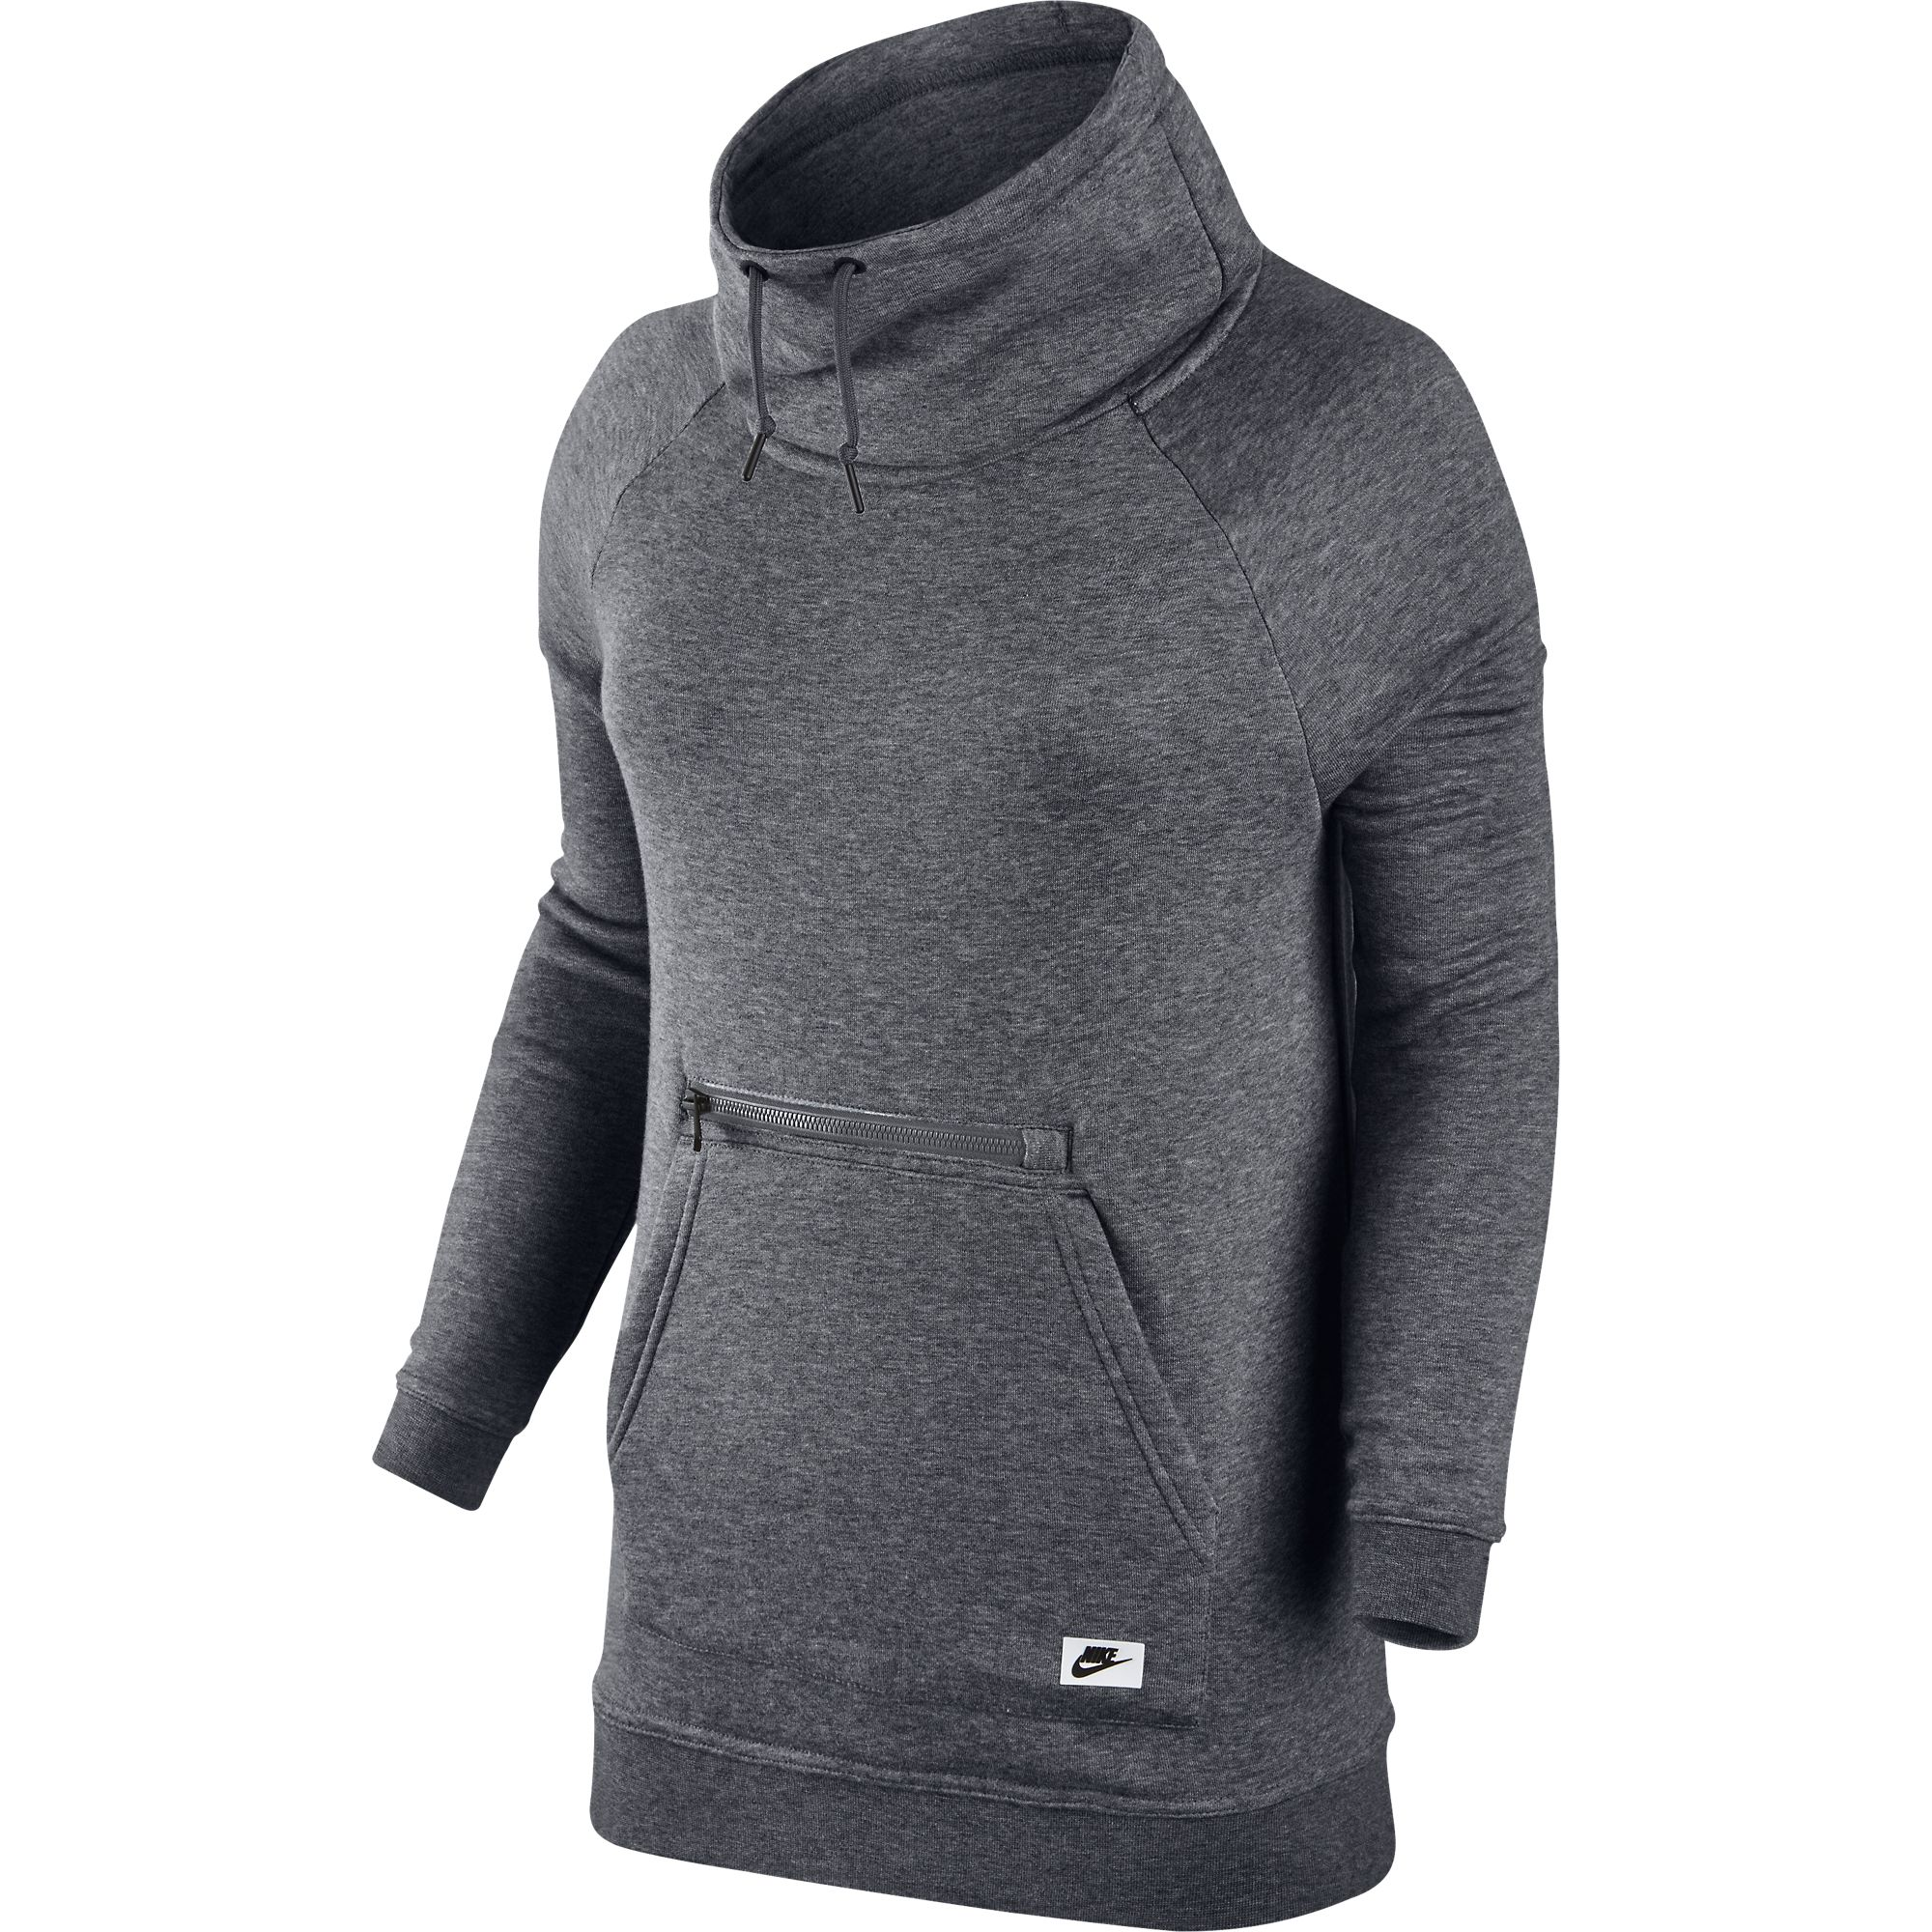 7fa27068b4e0 Details about Nike Sportswear Modern Funnel Neck Women s Sweatshirt Grey Black  803599-091